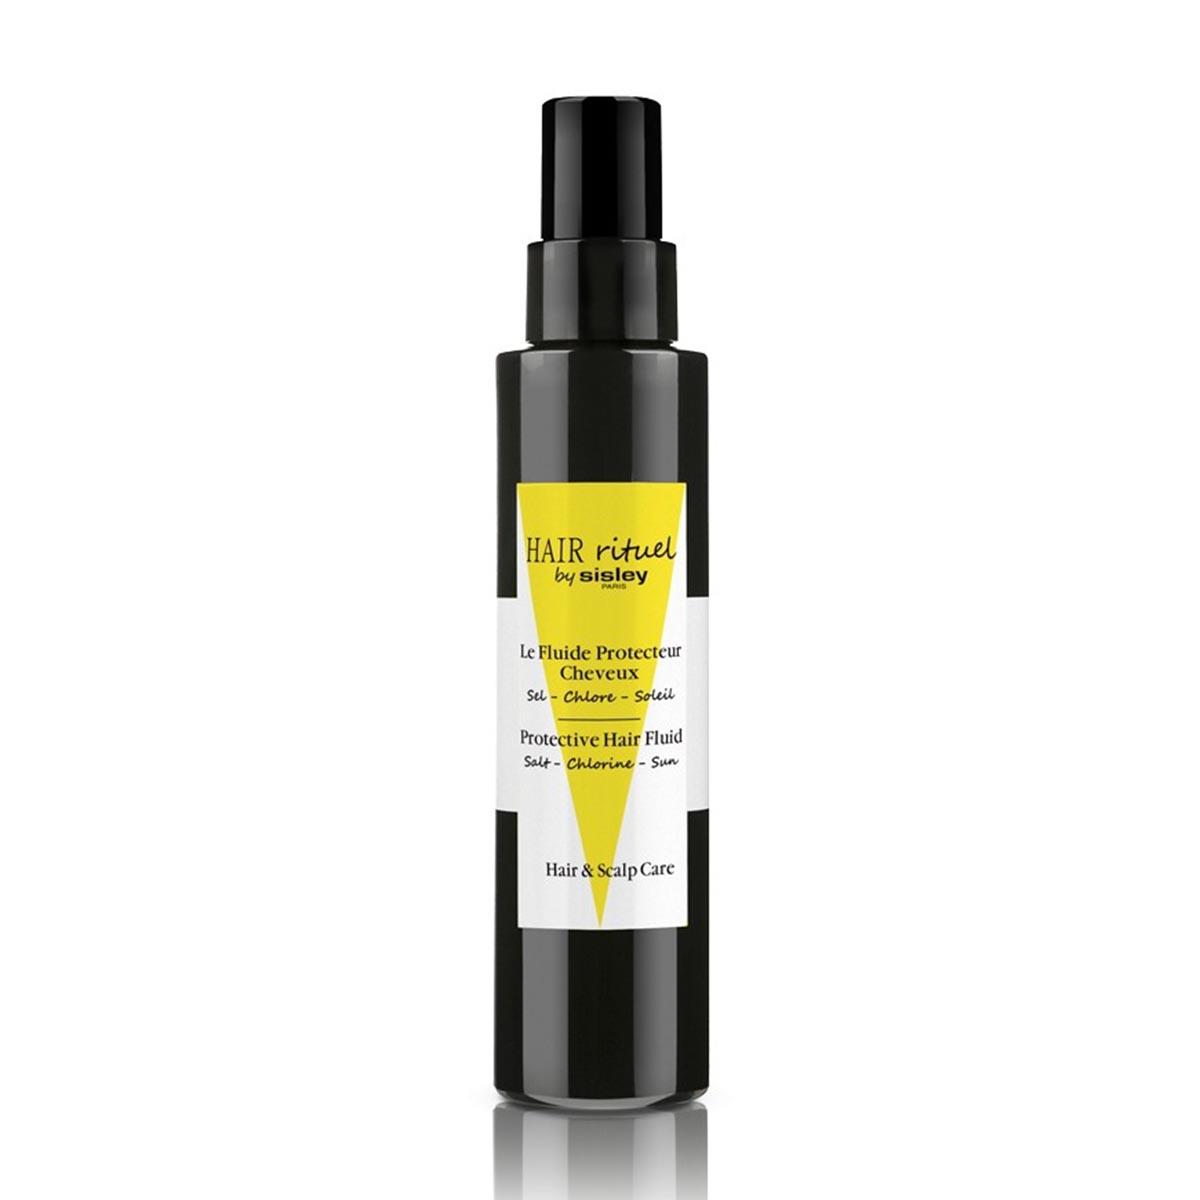 Sisley hair rituel protective hair fluid 150ml